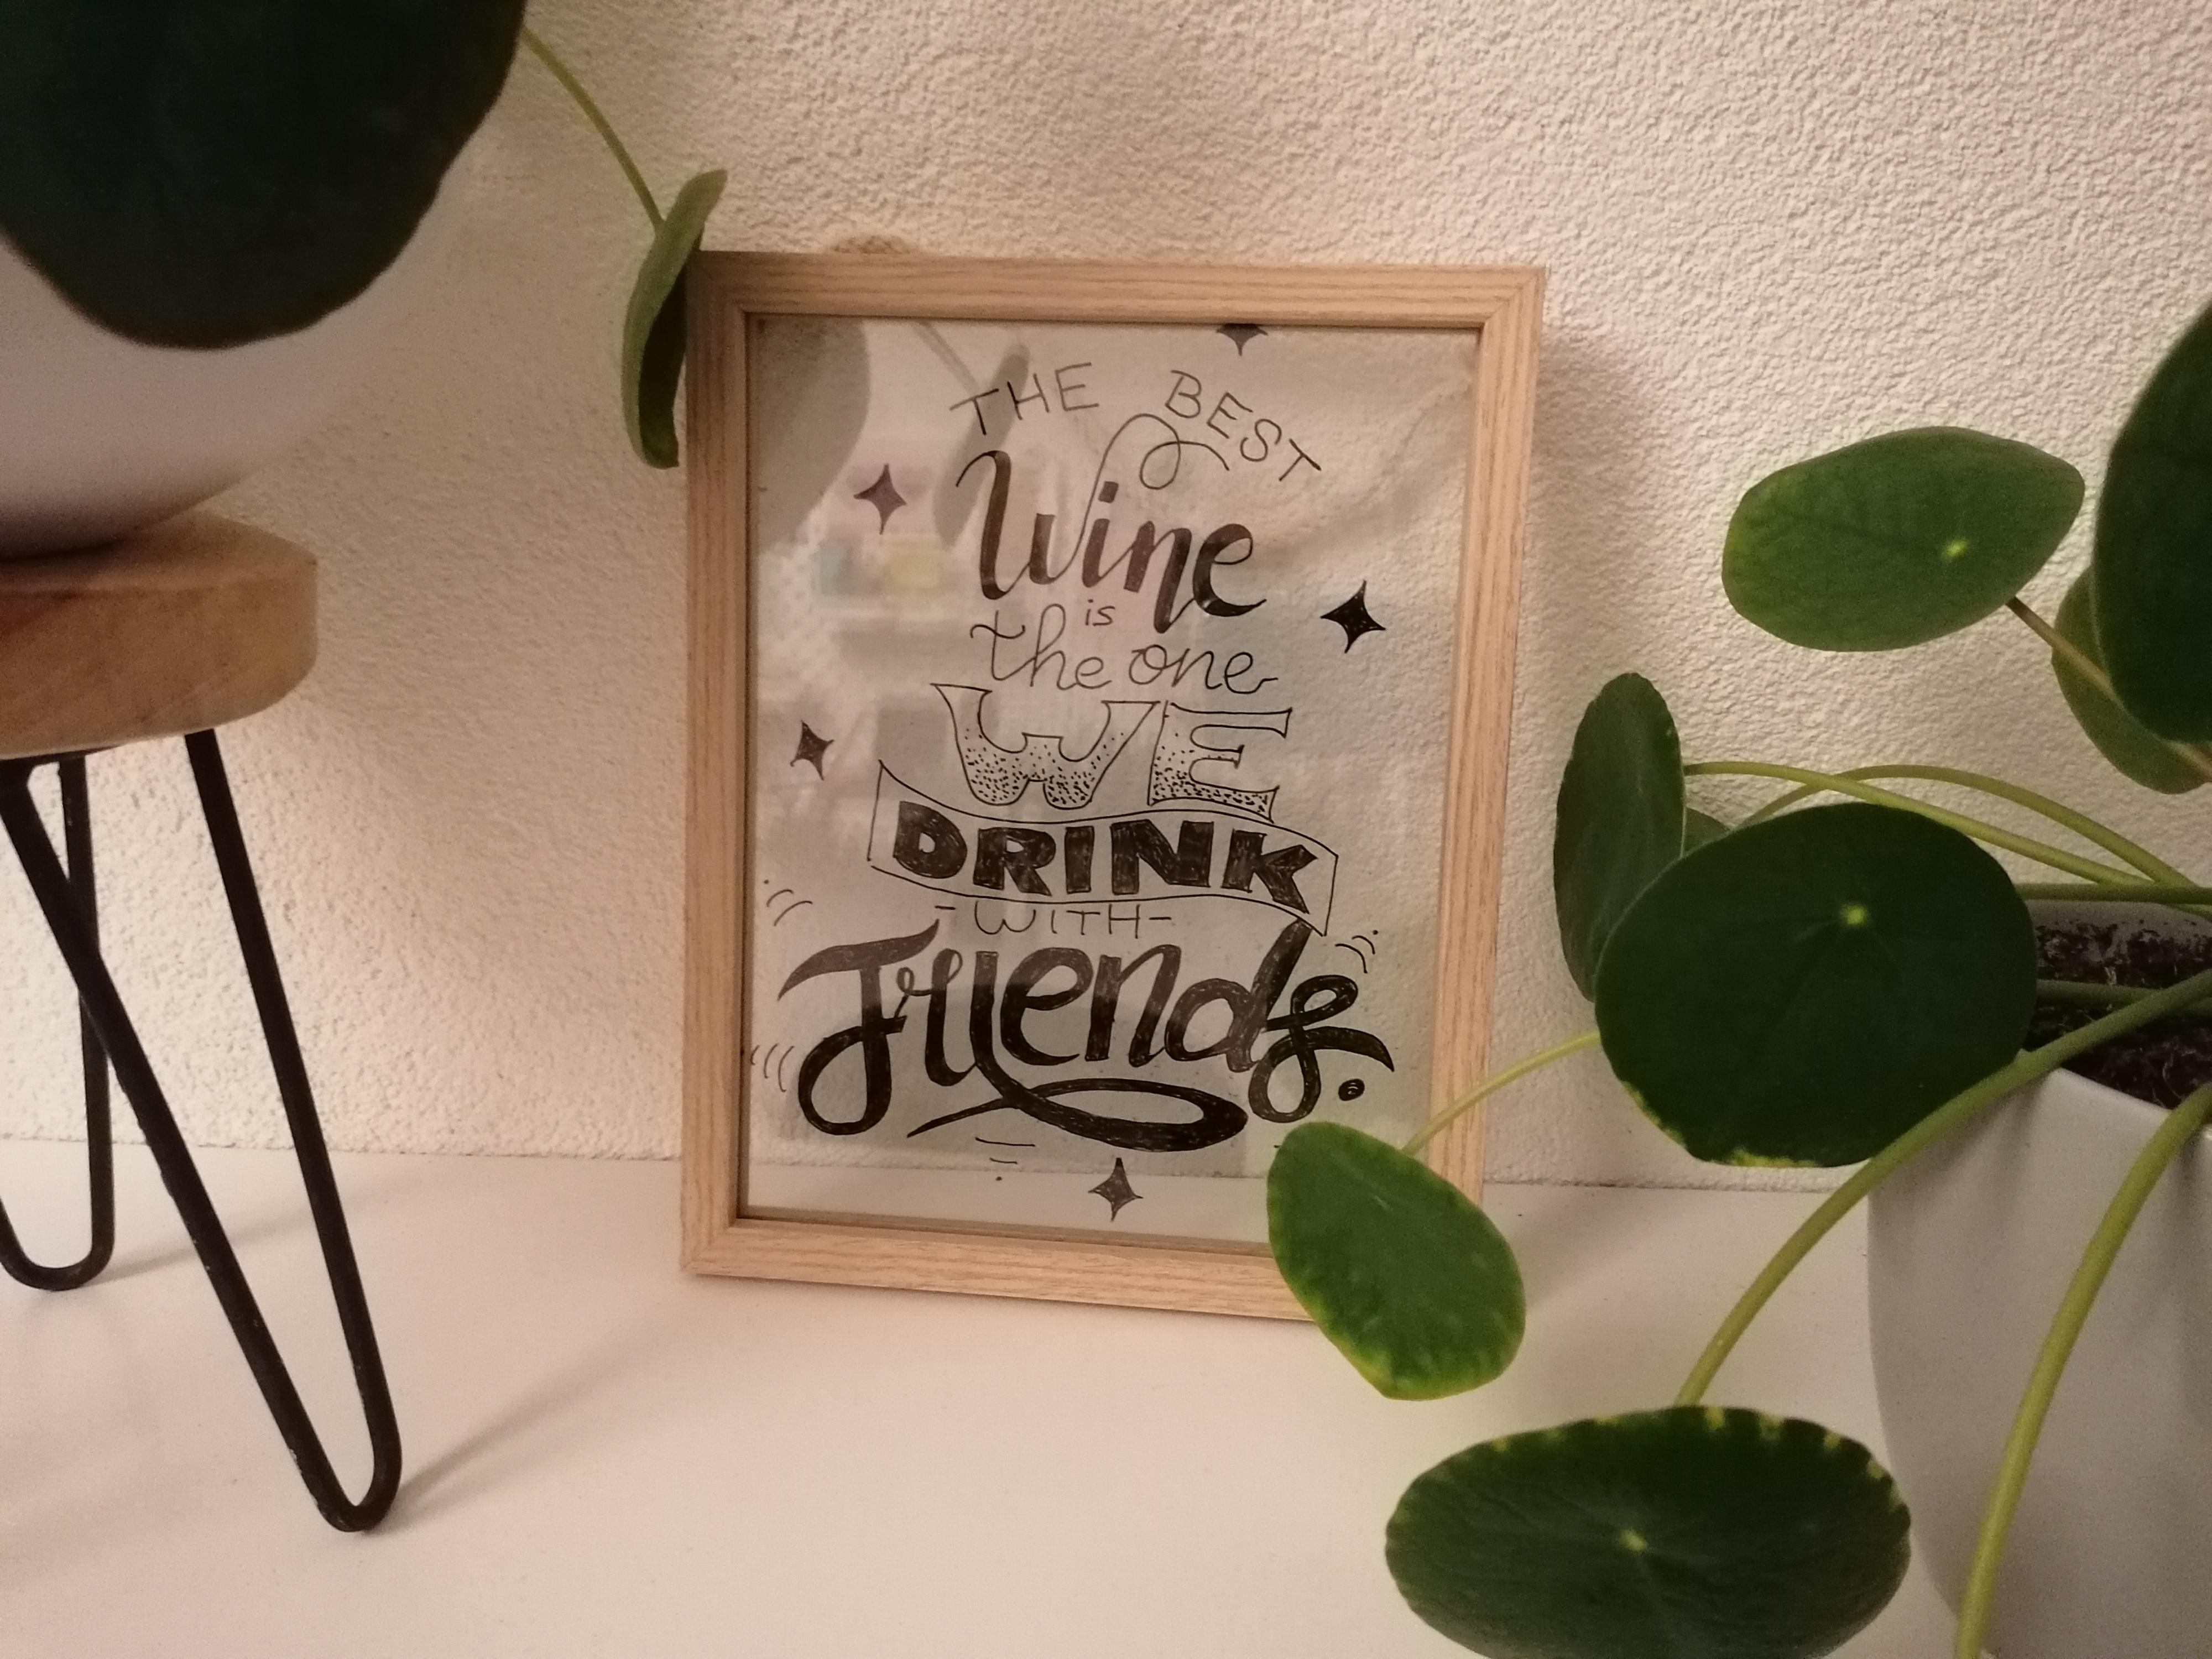 Glazen schilderij met de tekst The best wine is the one we drink with friends